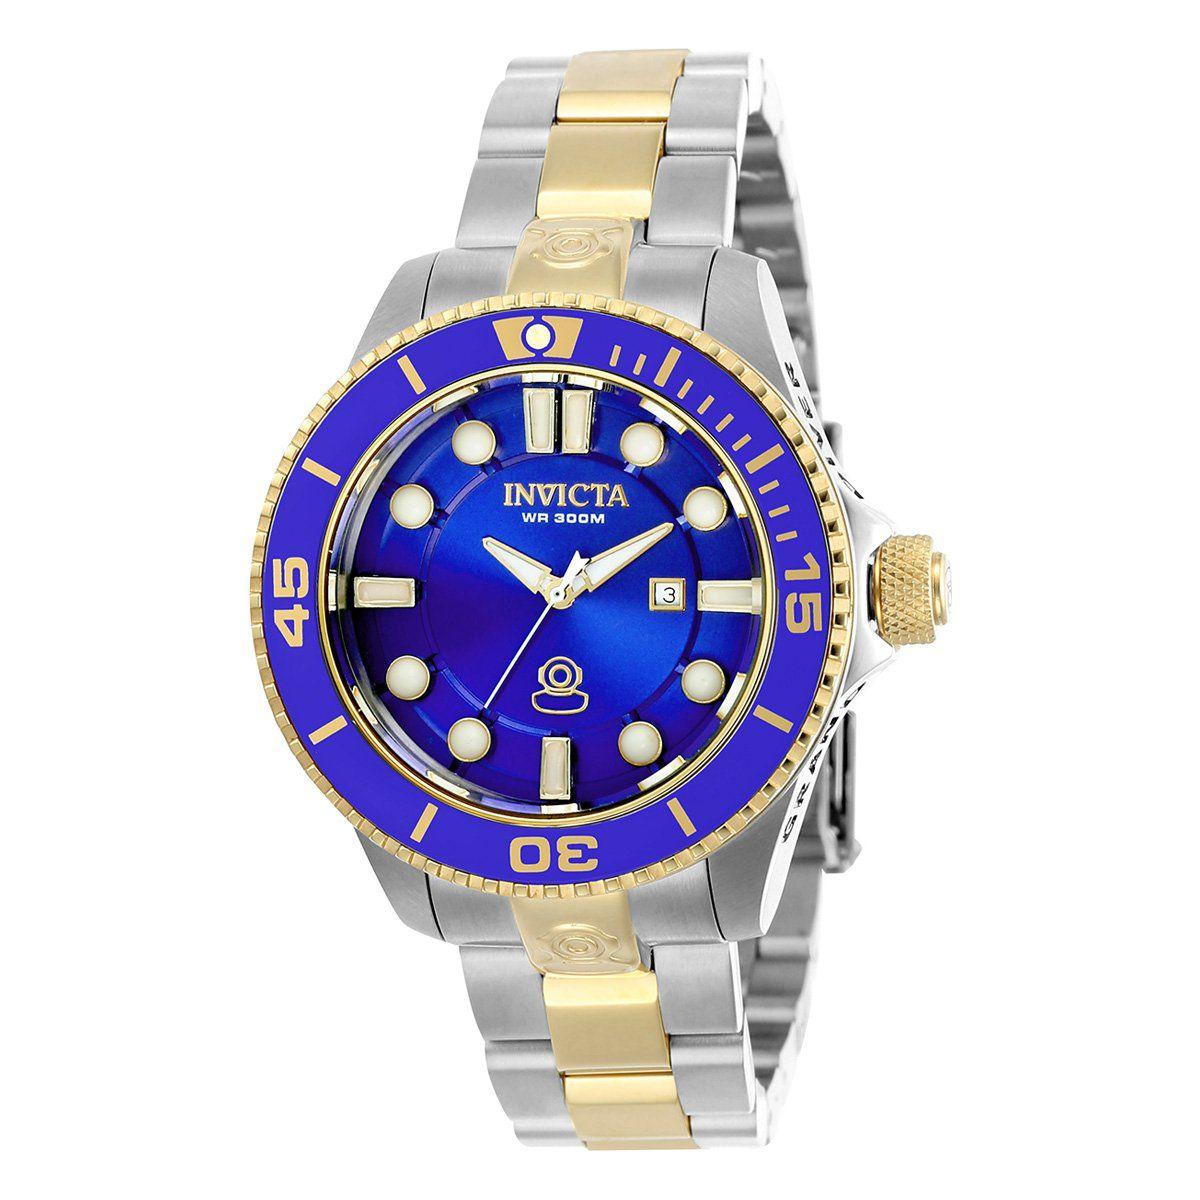 Relógio Invicta Grand Diver Analógico 019816 Masculino